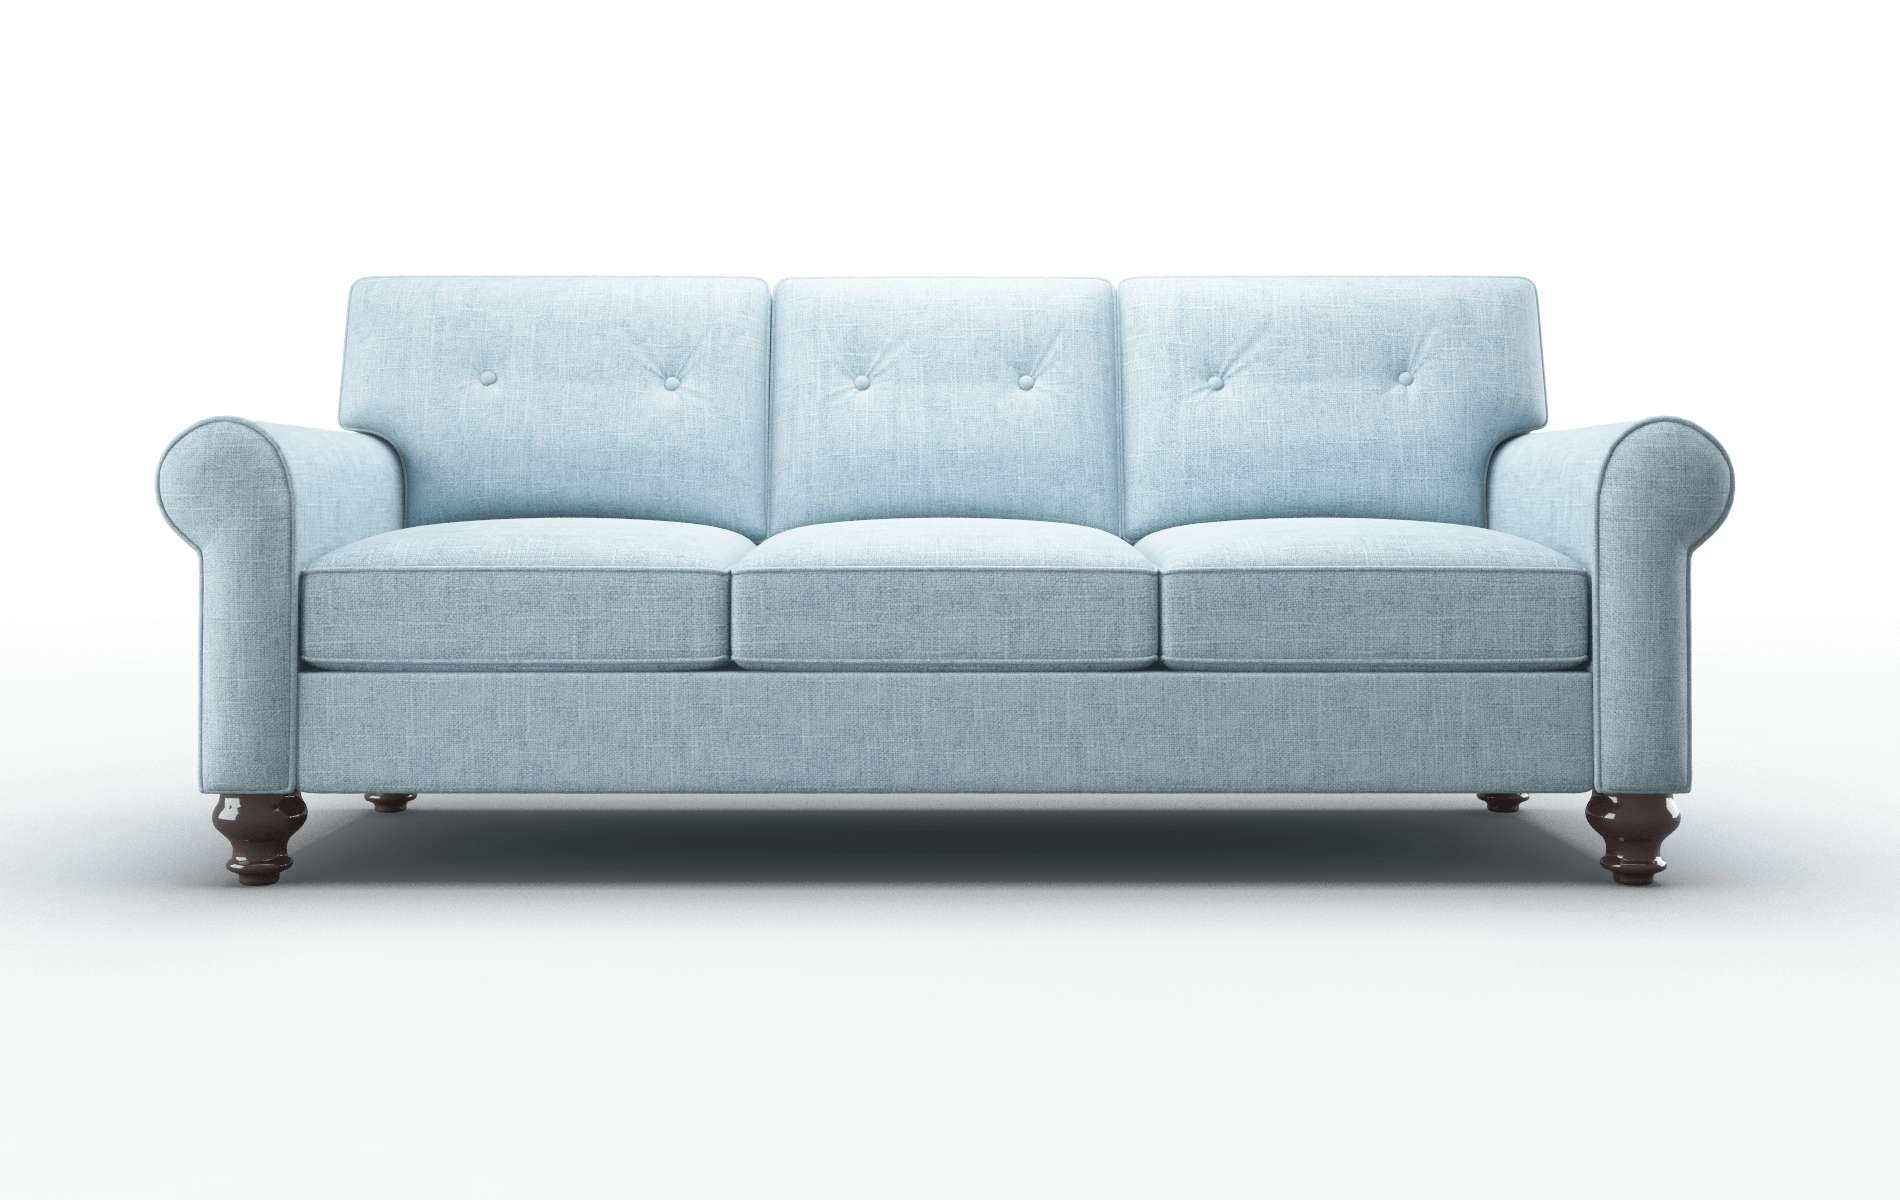 Farah Atlas Turquoise Sofa espresso legs 1